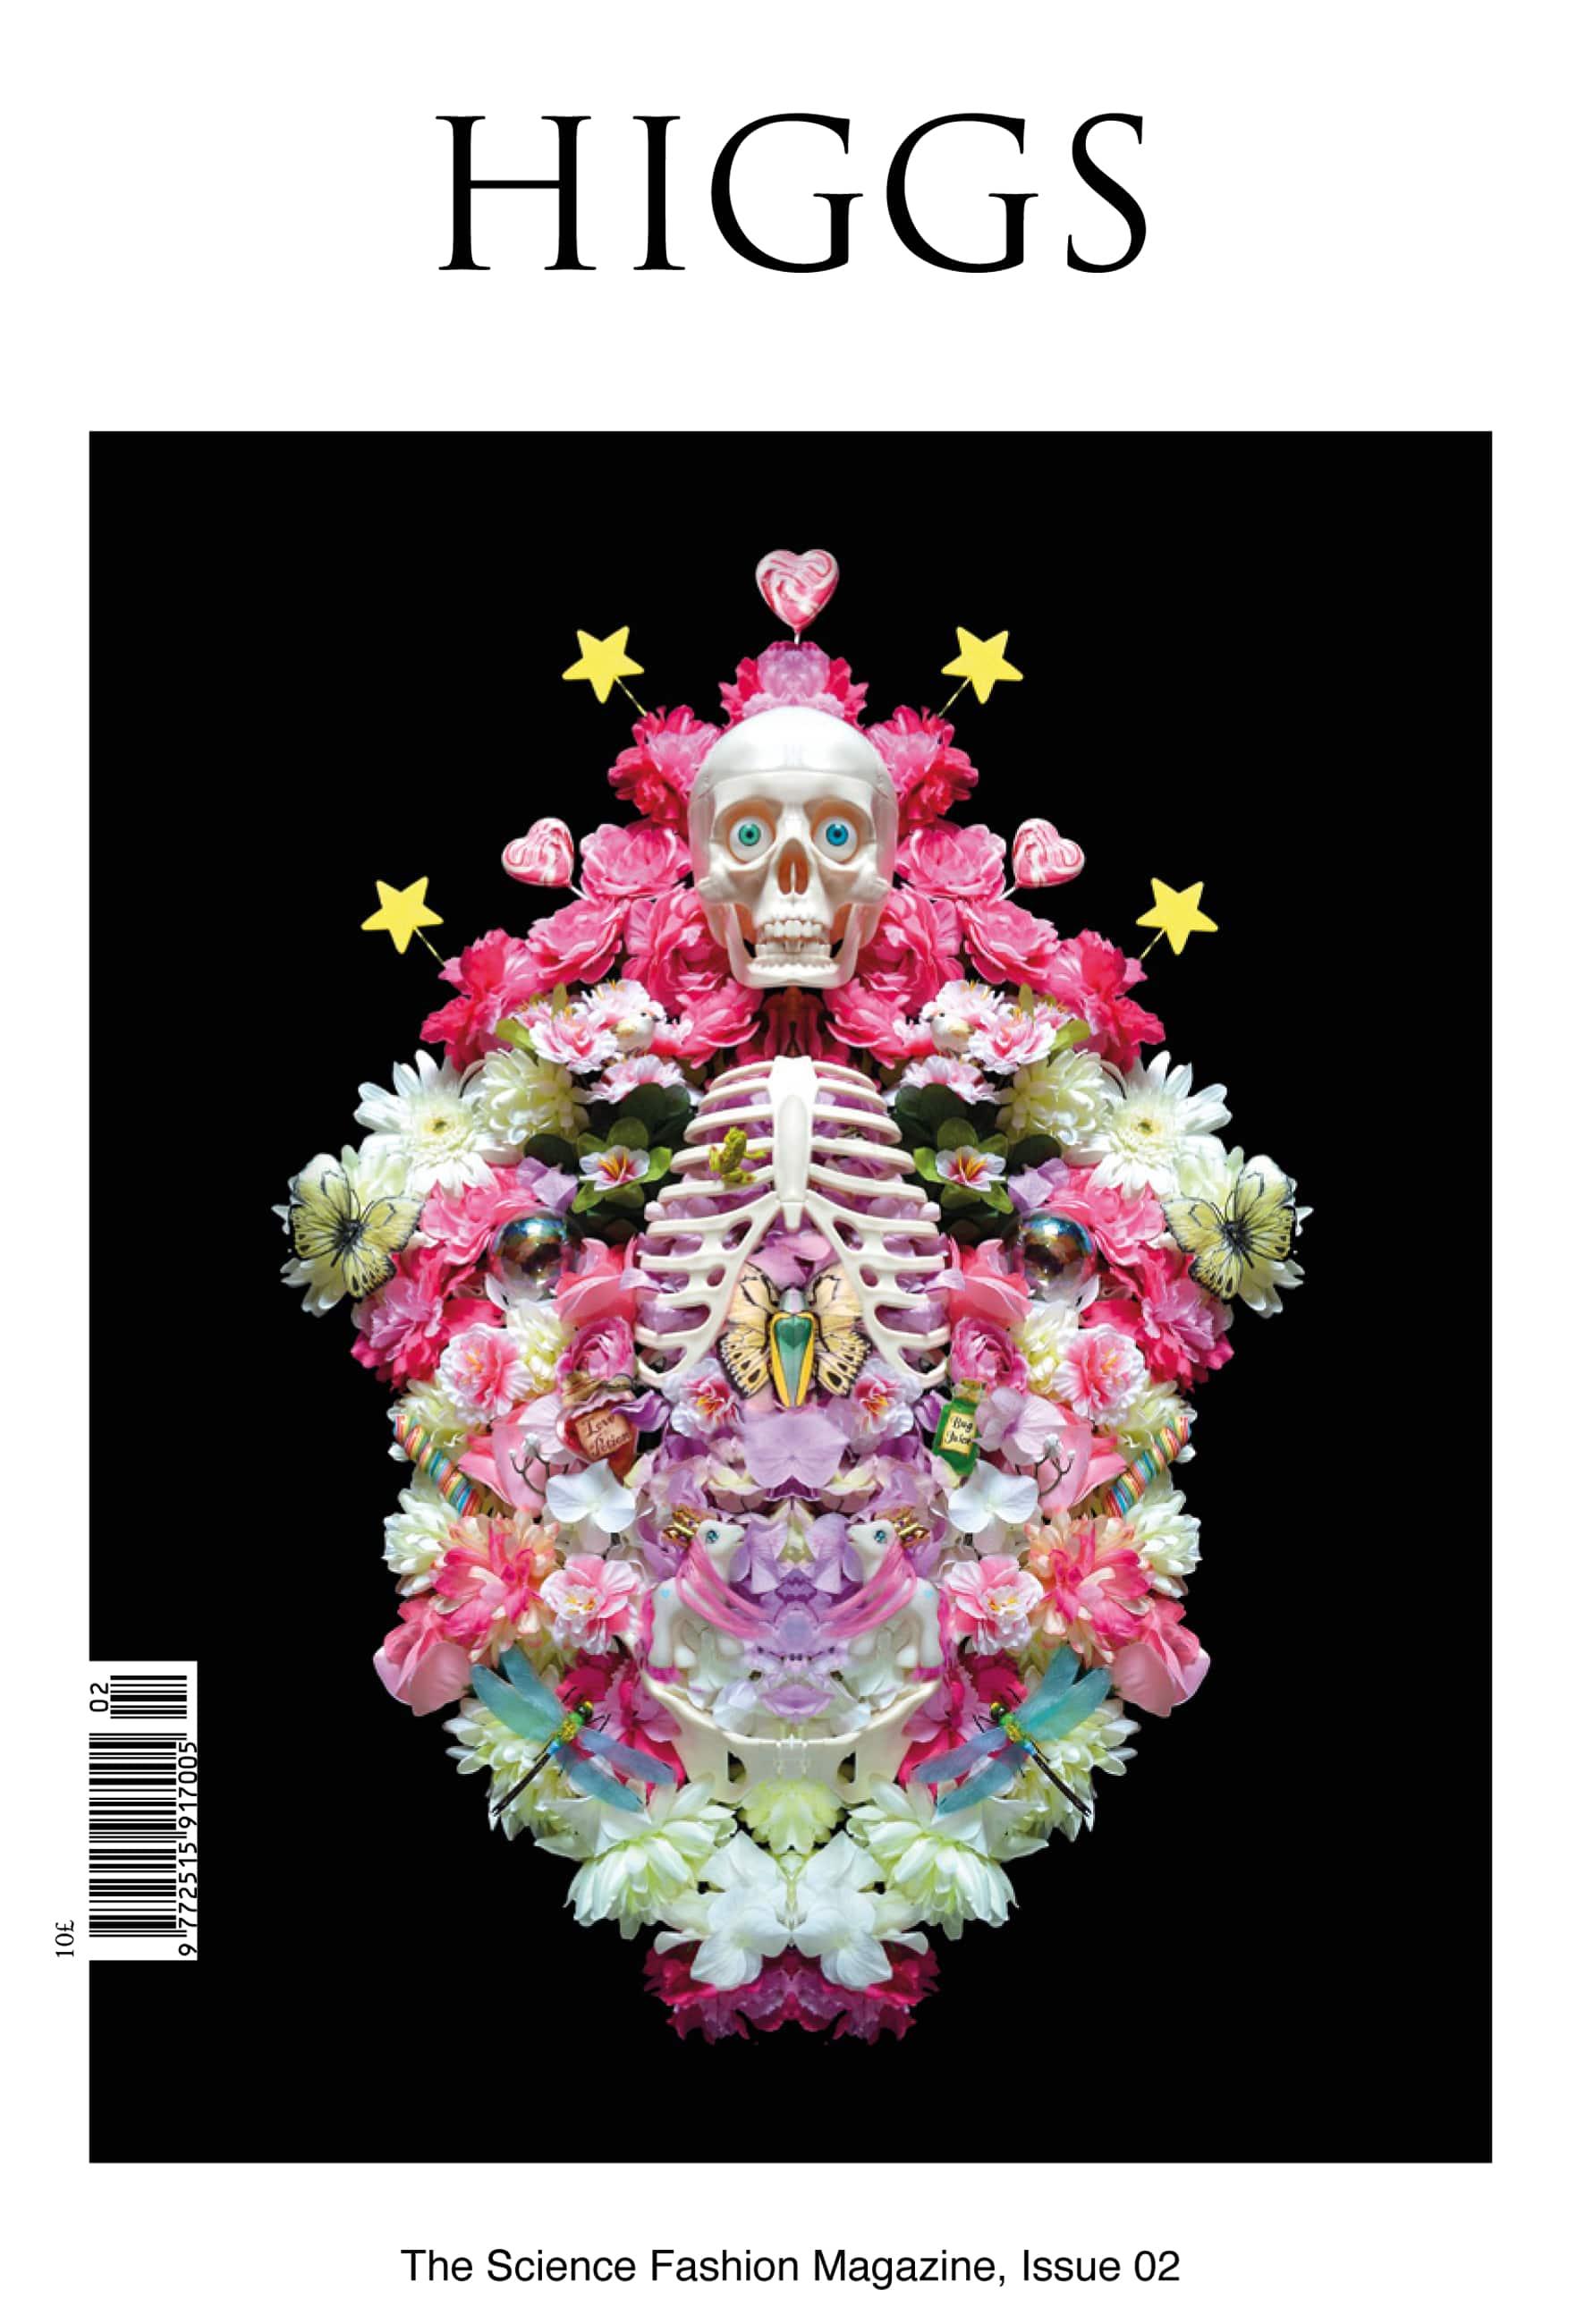 HIGGSMagazine_MindFashion.jpg